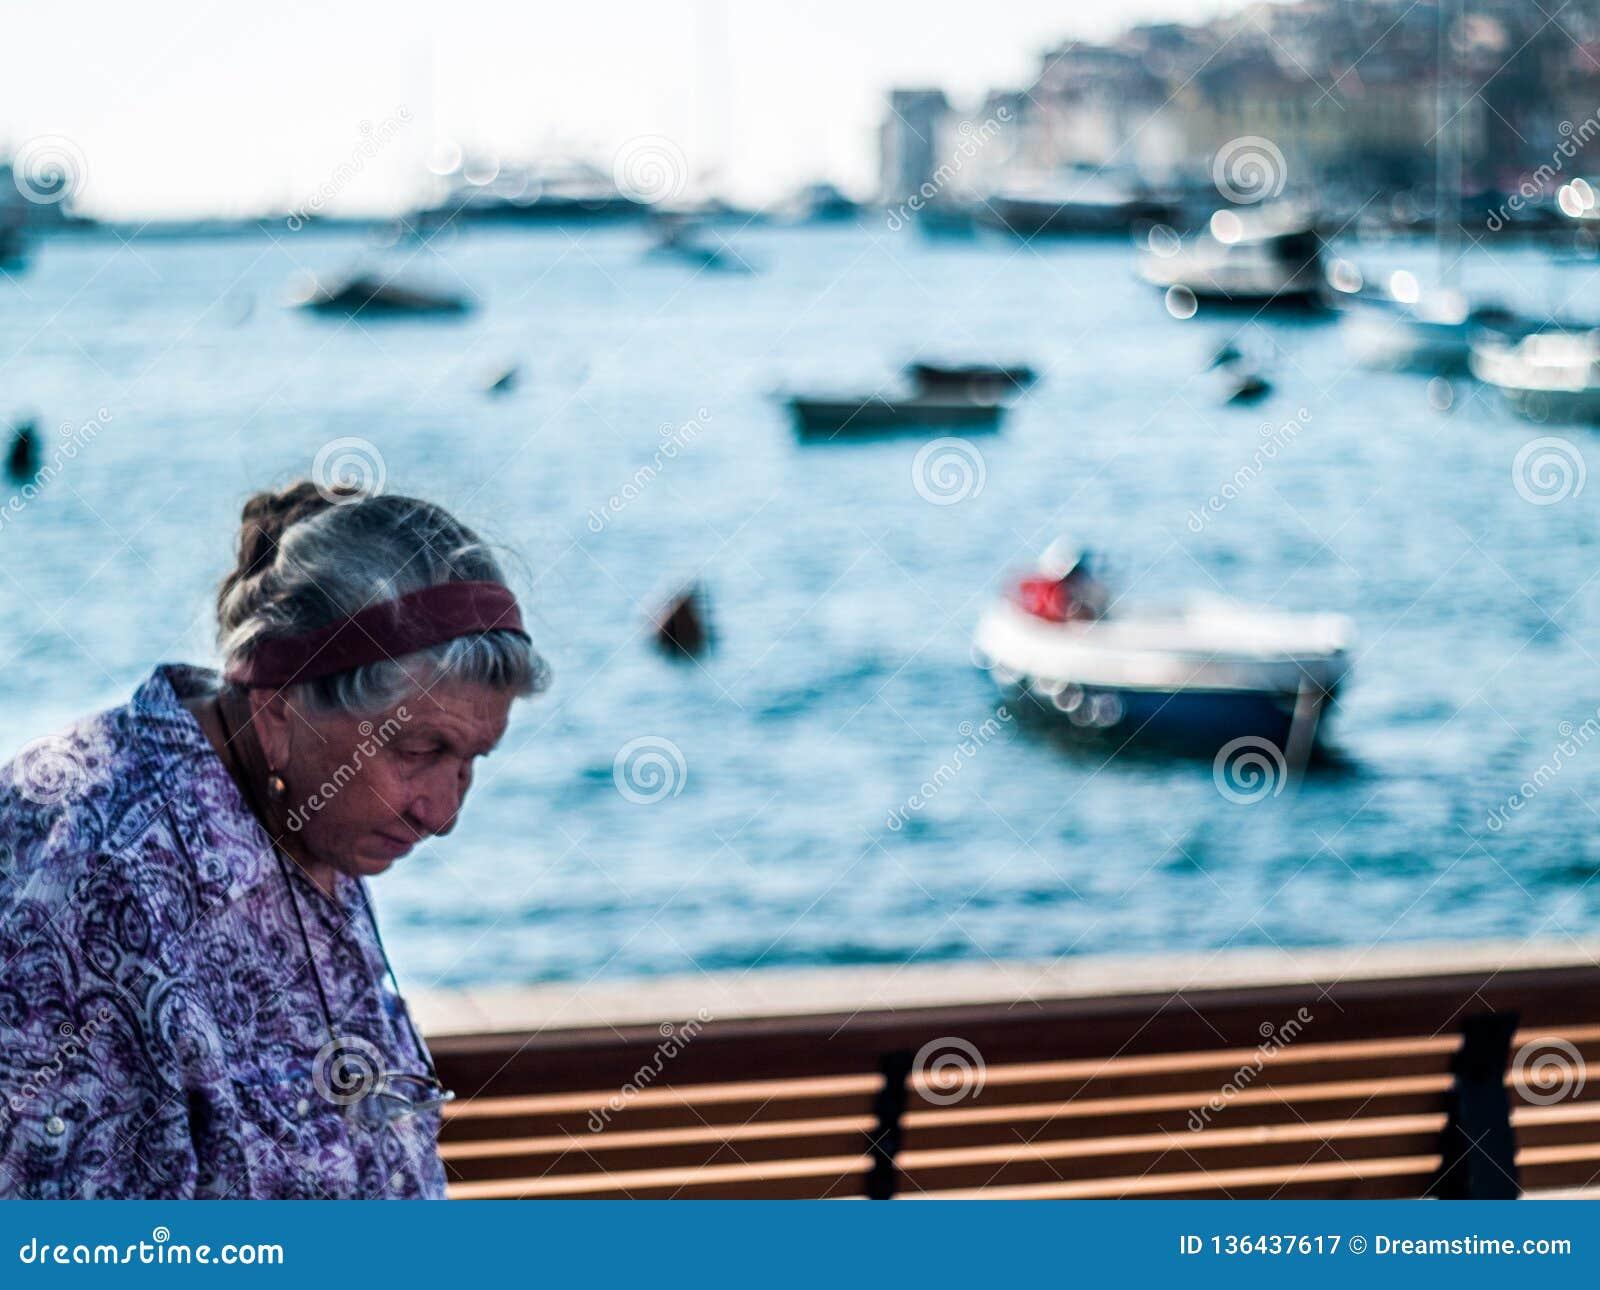 一个老妇人的创造性的场面从罗维尼,克罗地亚欧洲中部的午间,与美丽的小船bokeh球有用为样品